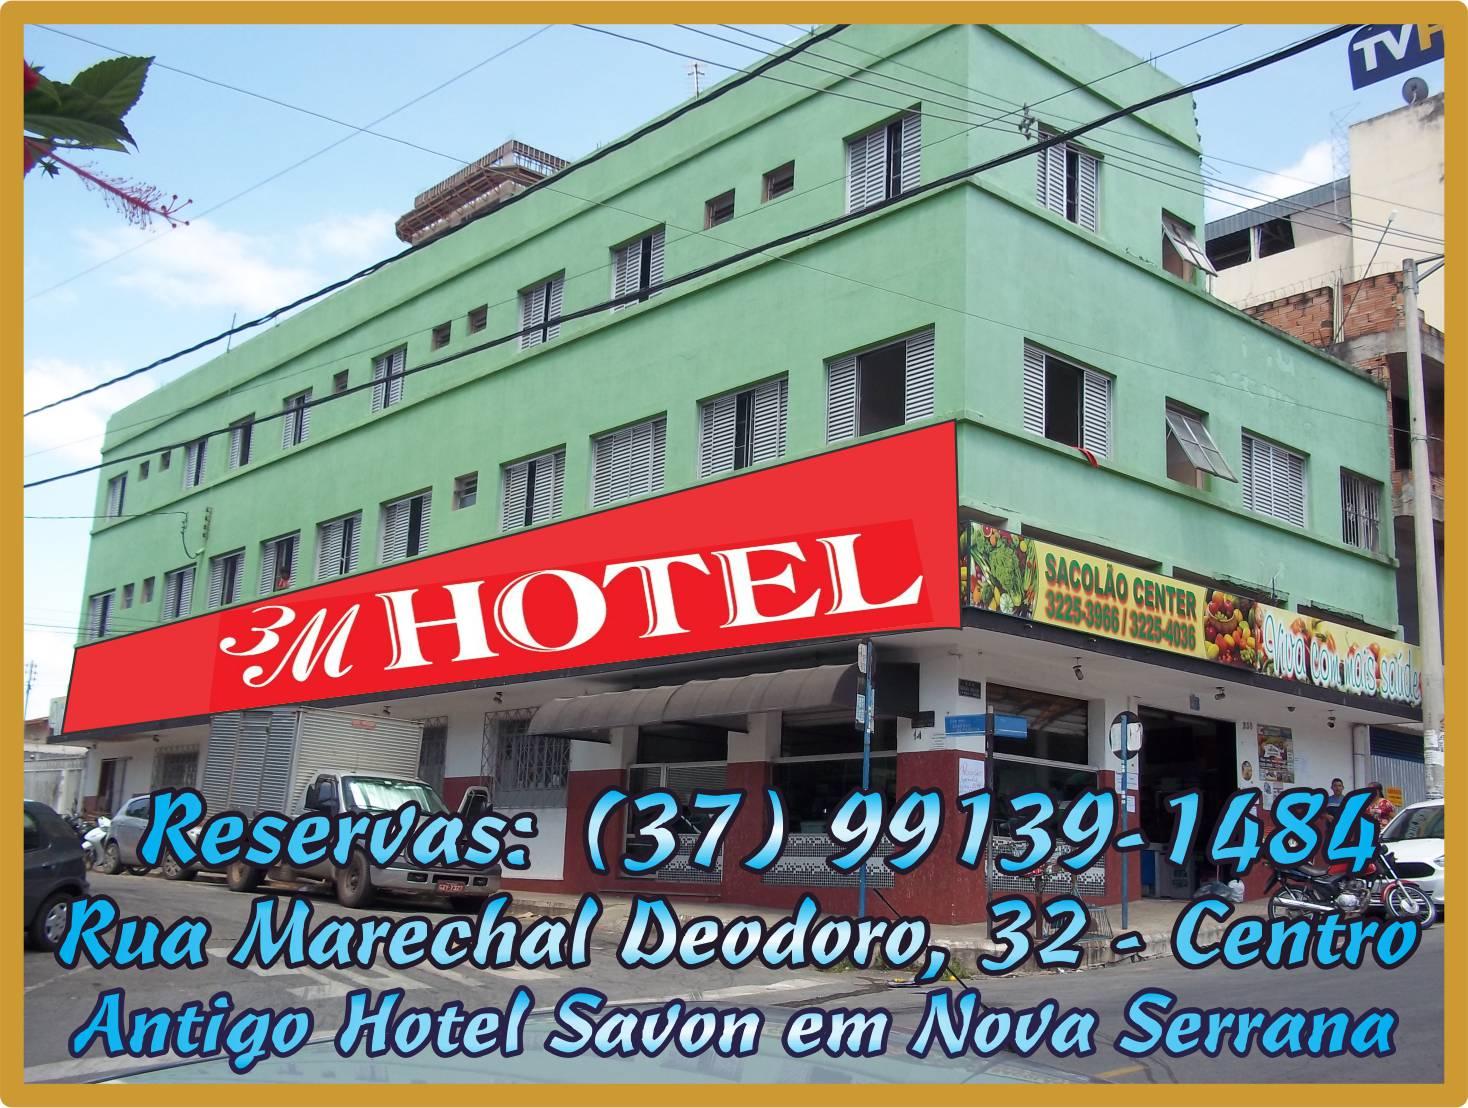 3M Hotel em Nova Serrana O Mais Novo Hotel